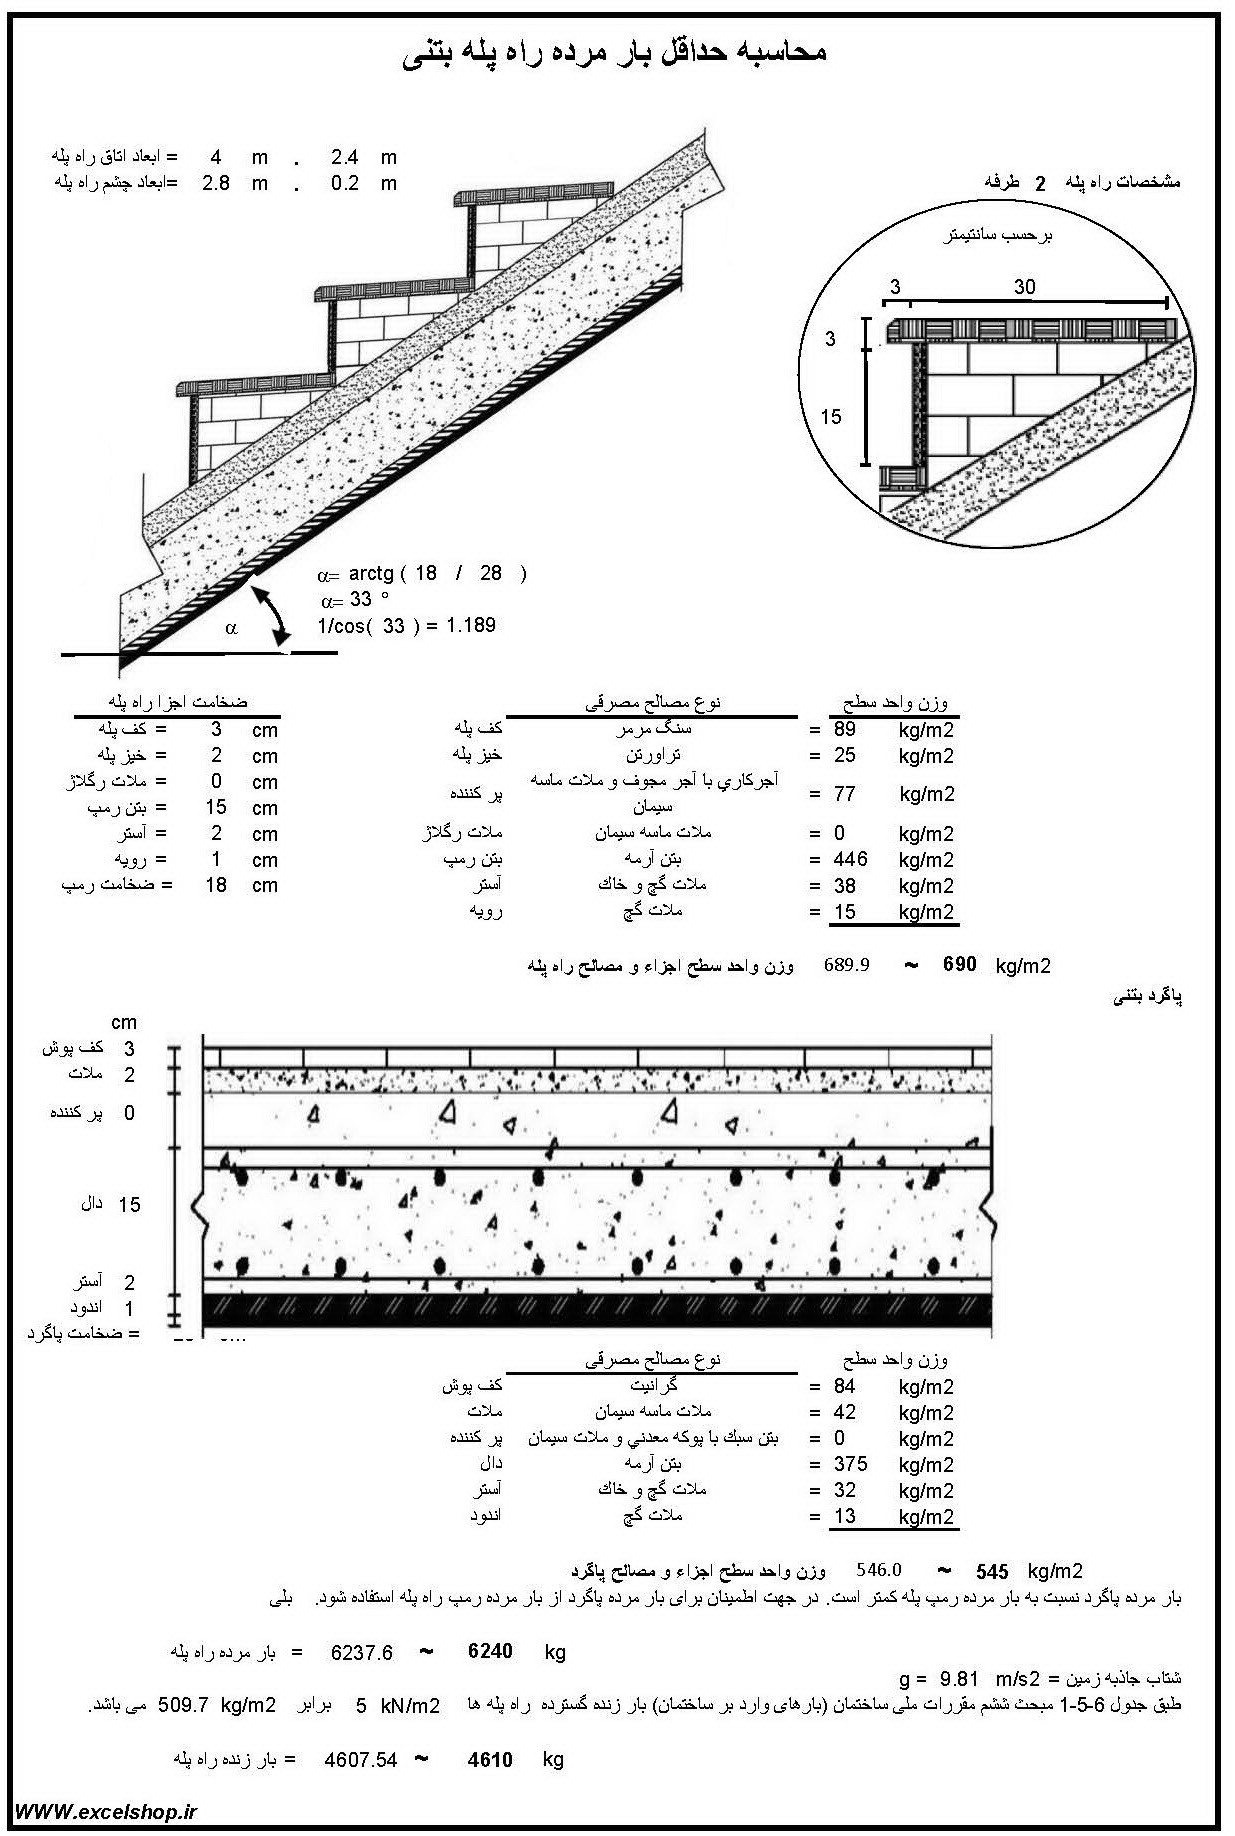 نمونهای از خروجیPDF حداقل بار مرده راه پله بتنی